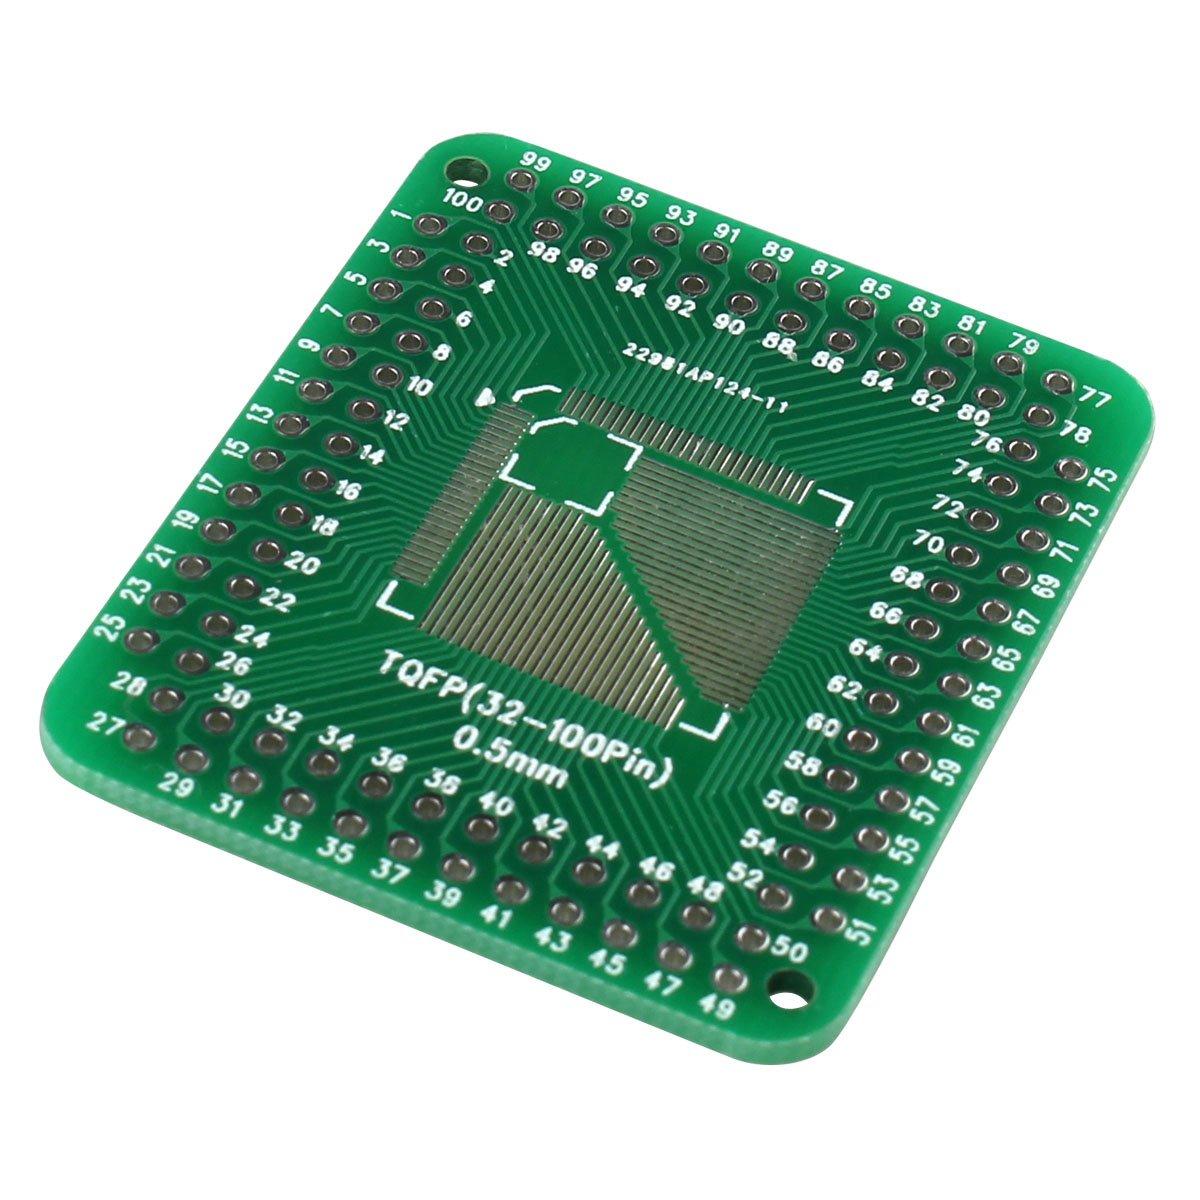 QFP FQFP TQFP 32 44 64 80 100 LQFP SMD a desengrasador 0,5//0,8 mm IC placa adaptadora JCP para Arduino